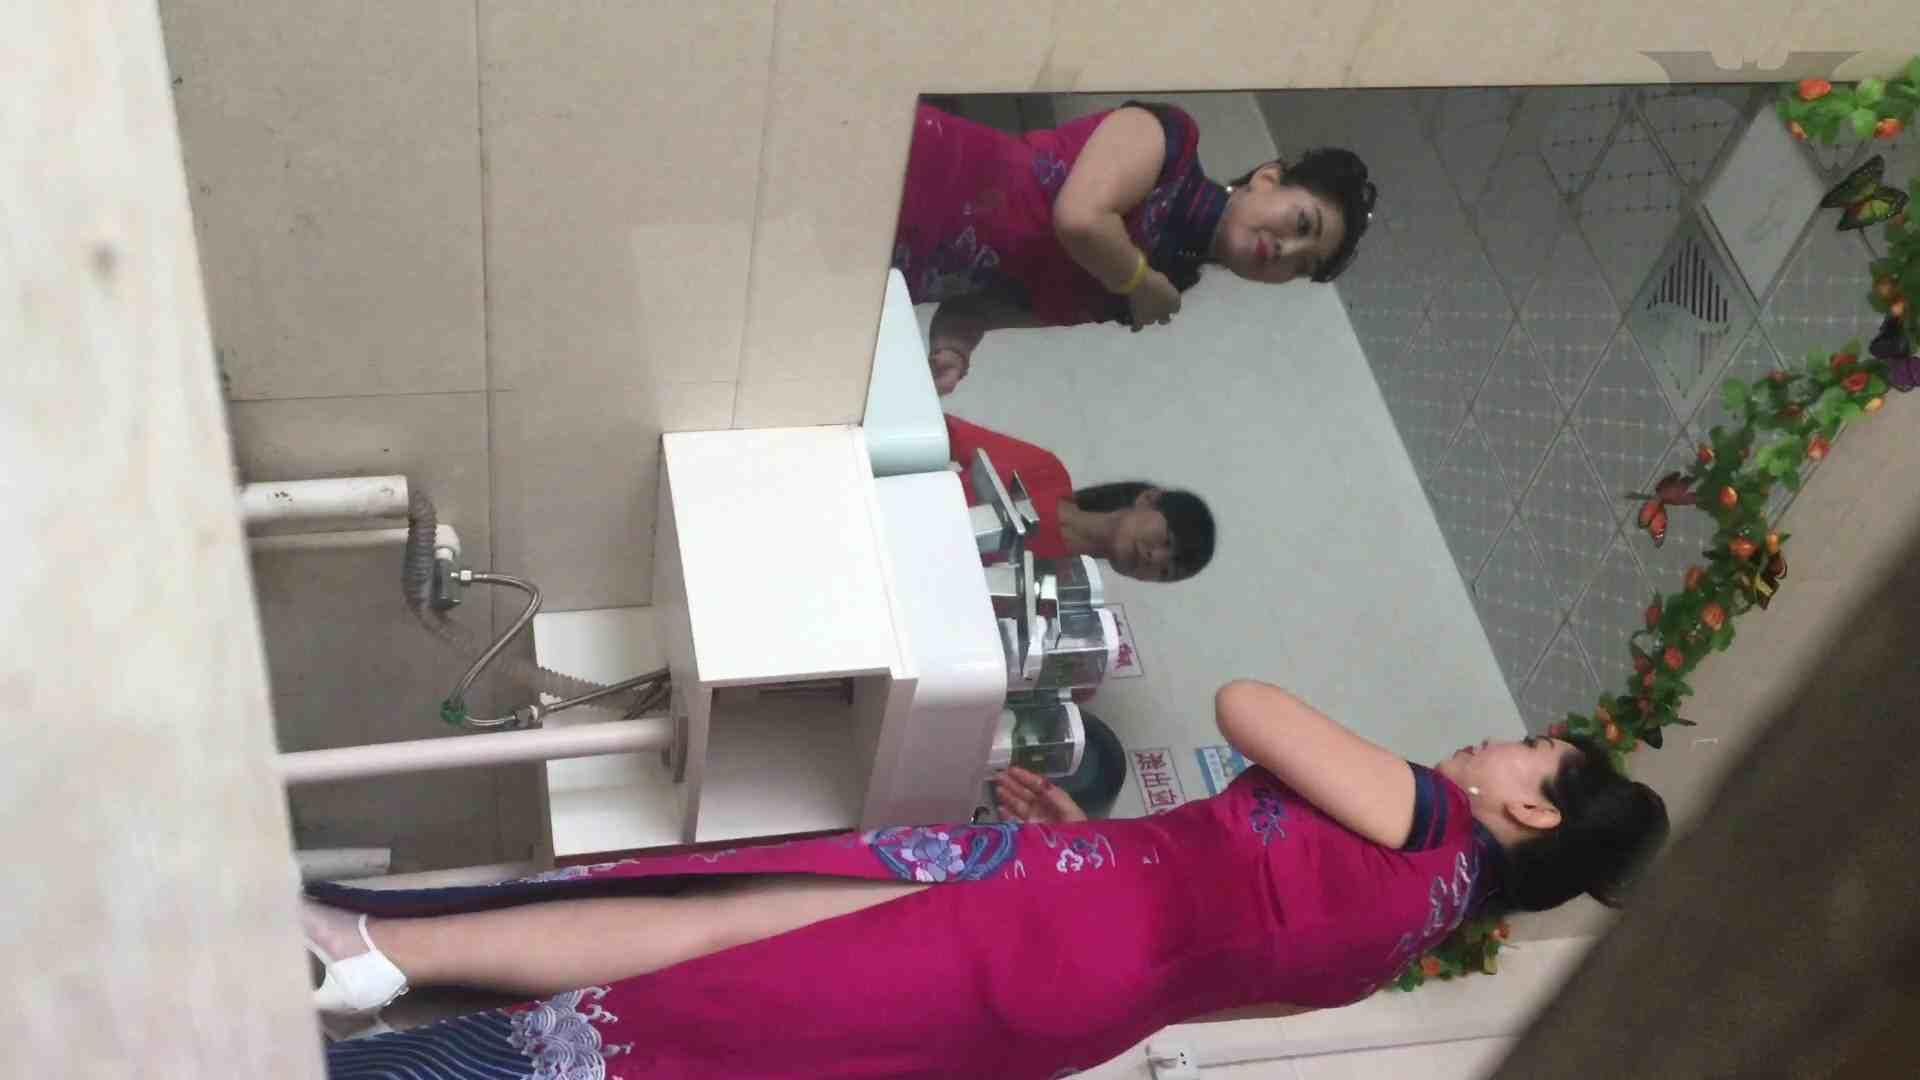 芸術大学ガチ潜入盗撮 JD盗撮 美女の洗面所の秘密 Vol.107 トイレ中の女子達  83連発 36